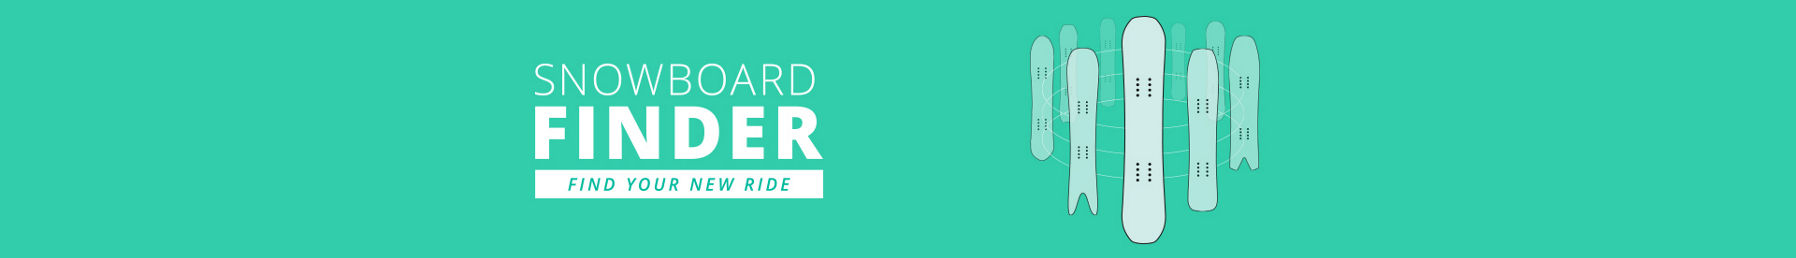 Snowboard Finder